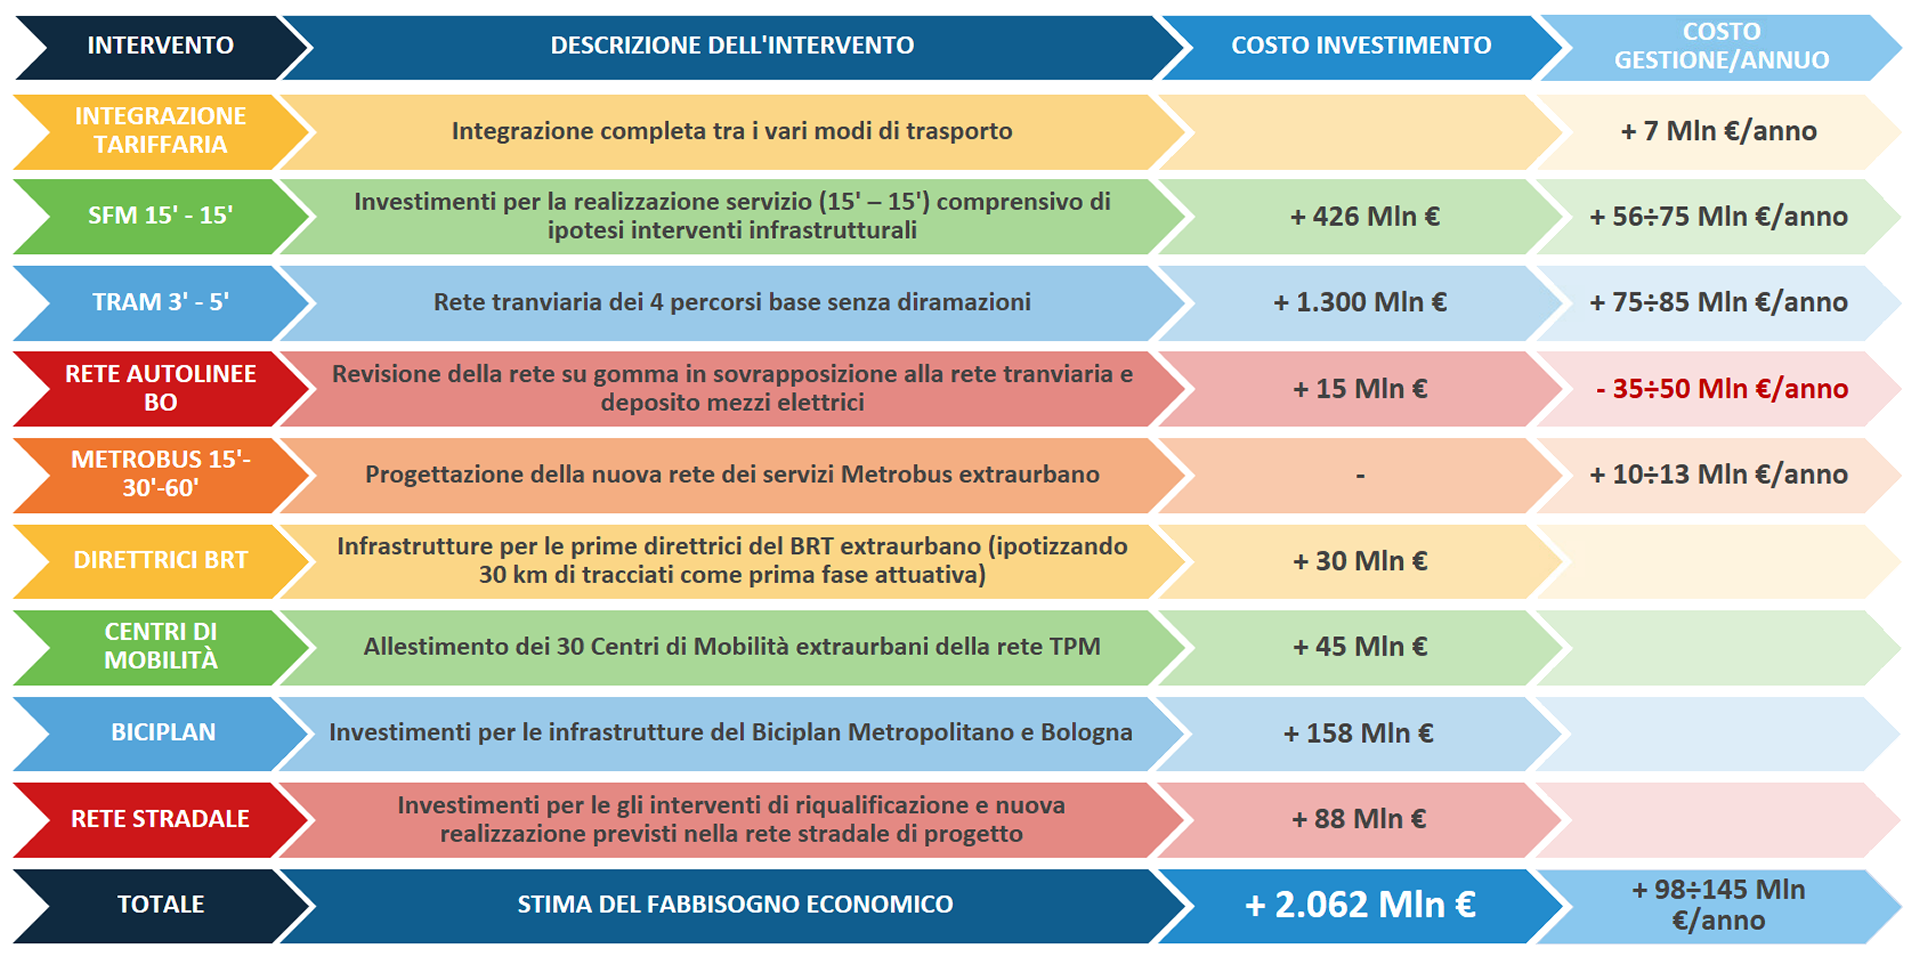 Costi di investimento e di quelli di gestione necessari alla realizzazione delle infrastrutture e all'attuazione delle strategie previste dal Piano